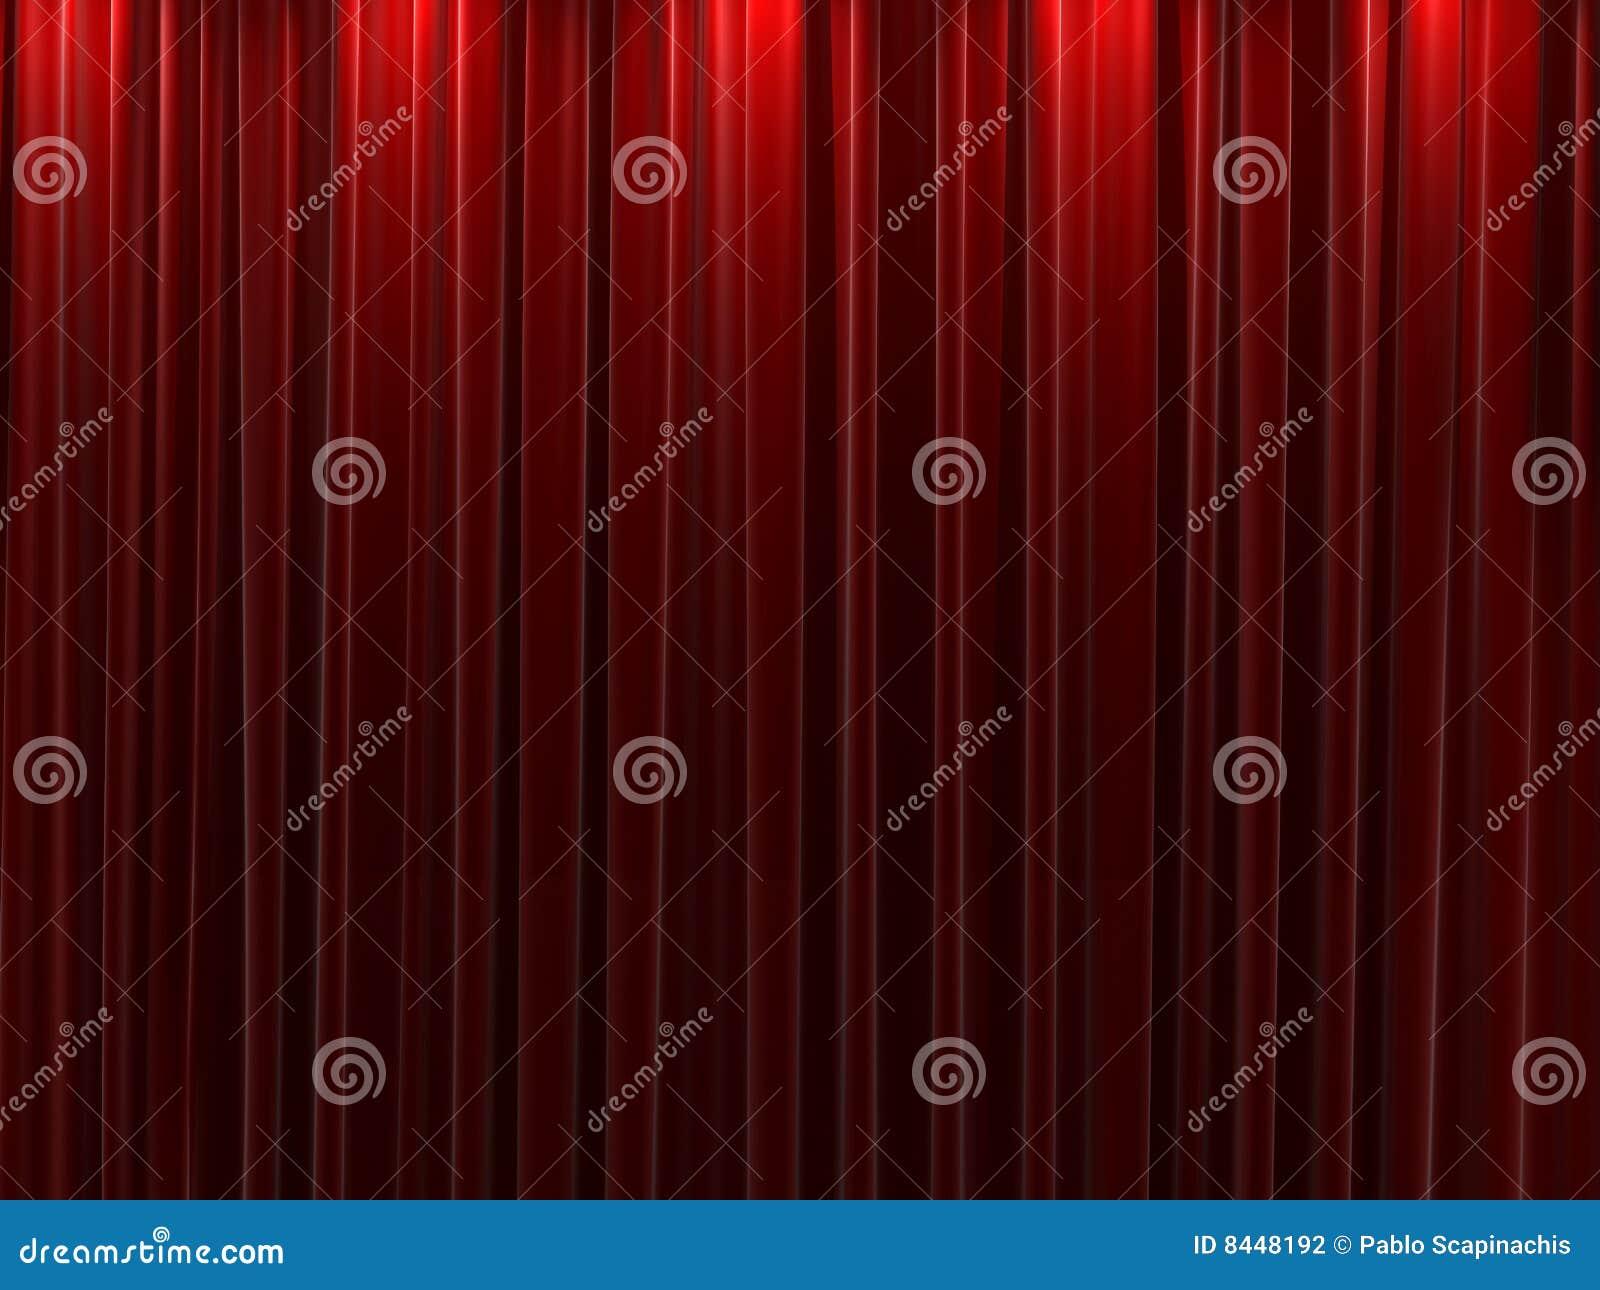 Red velvet curtains background stock photography image for Velvet curtains background